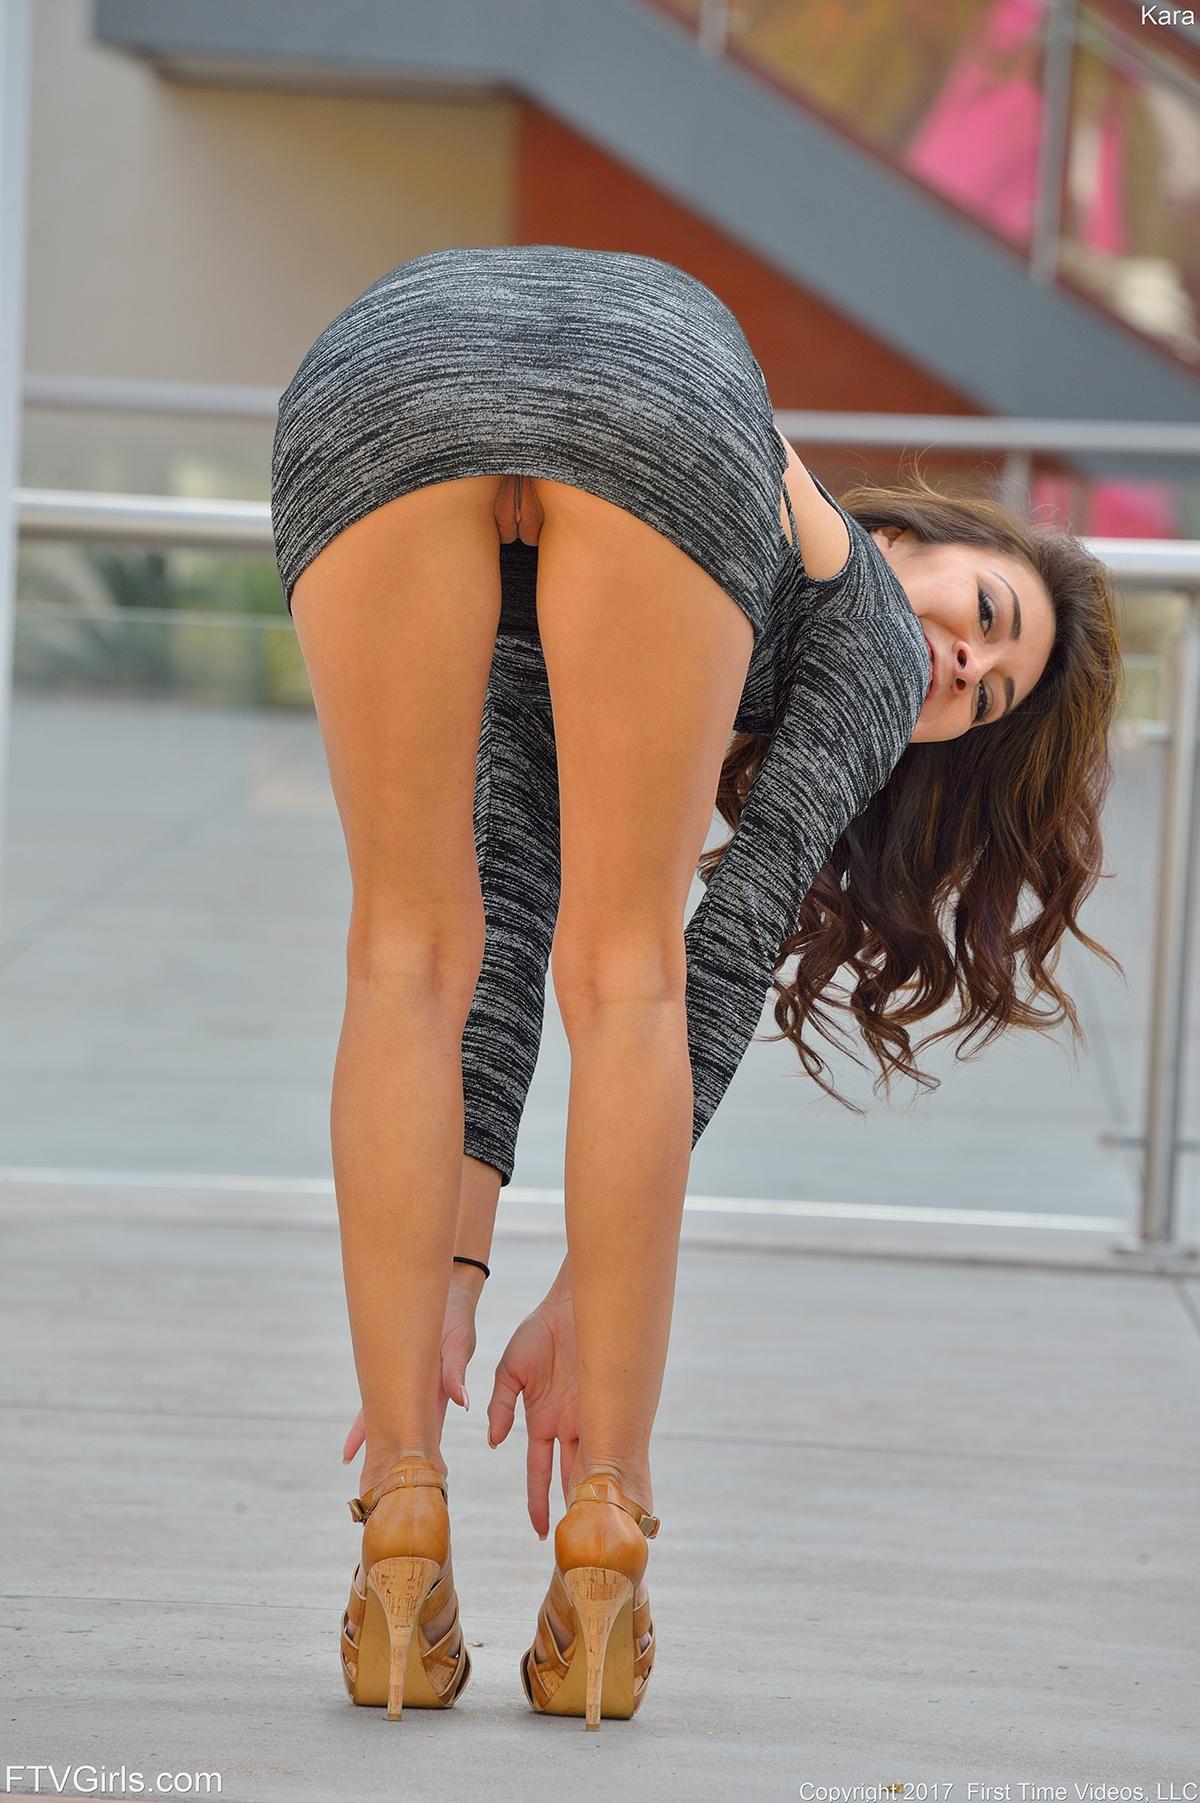 В коротком платье нагнулась и засветила трусы, просмотр порнуха на улице